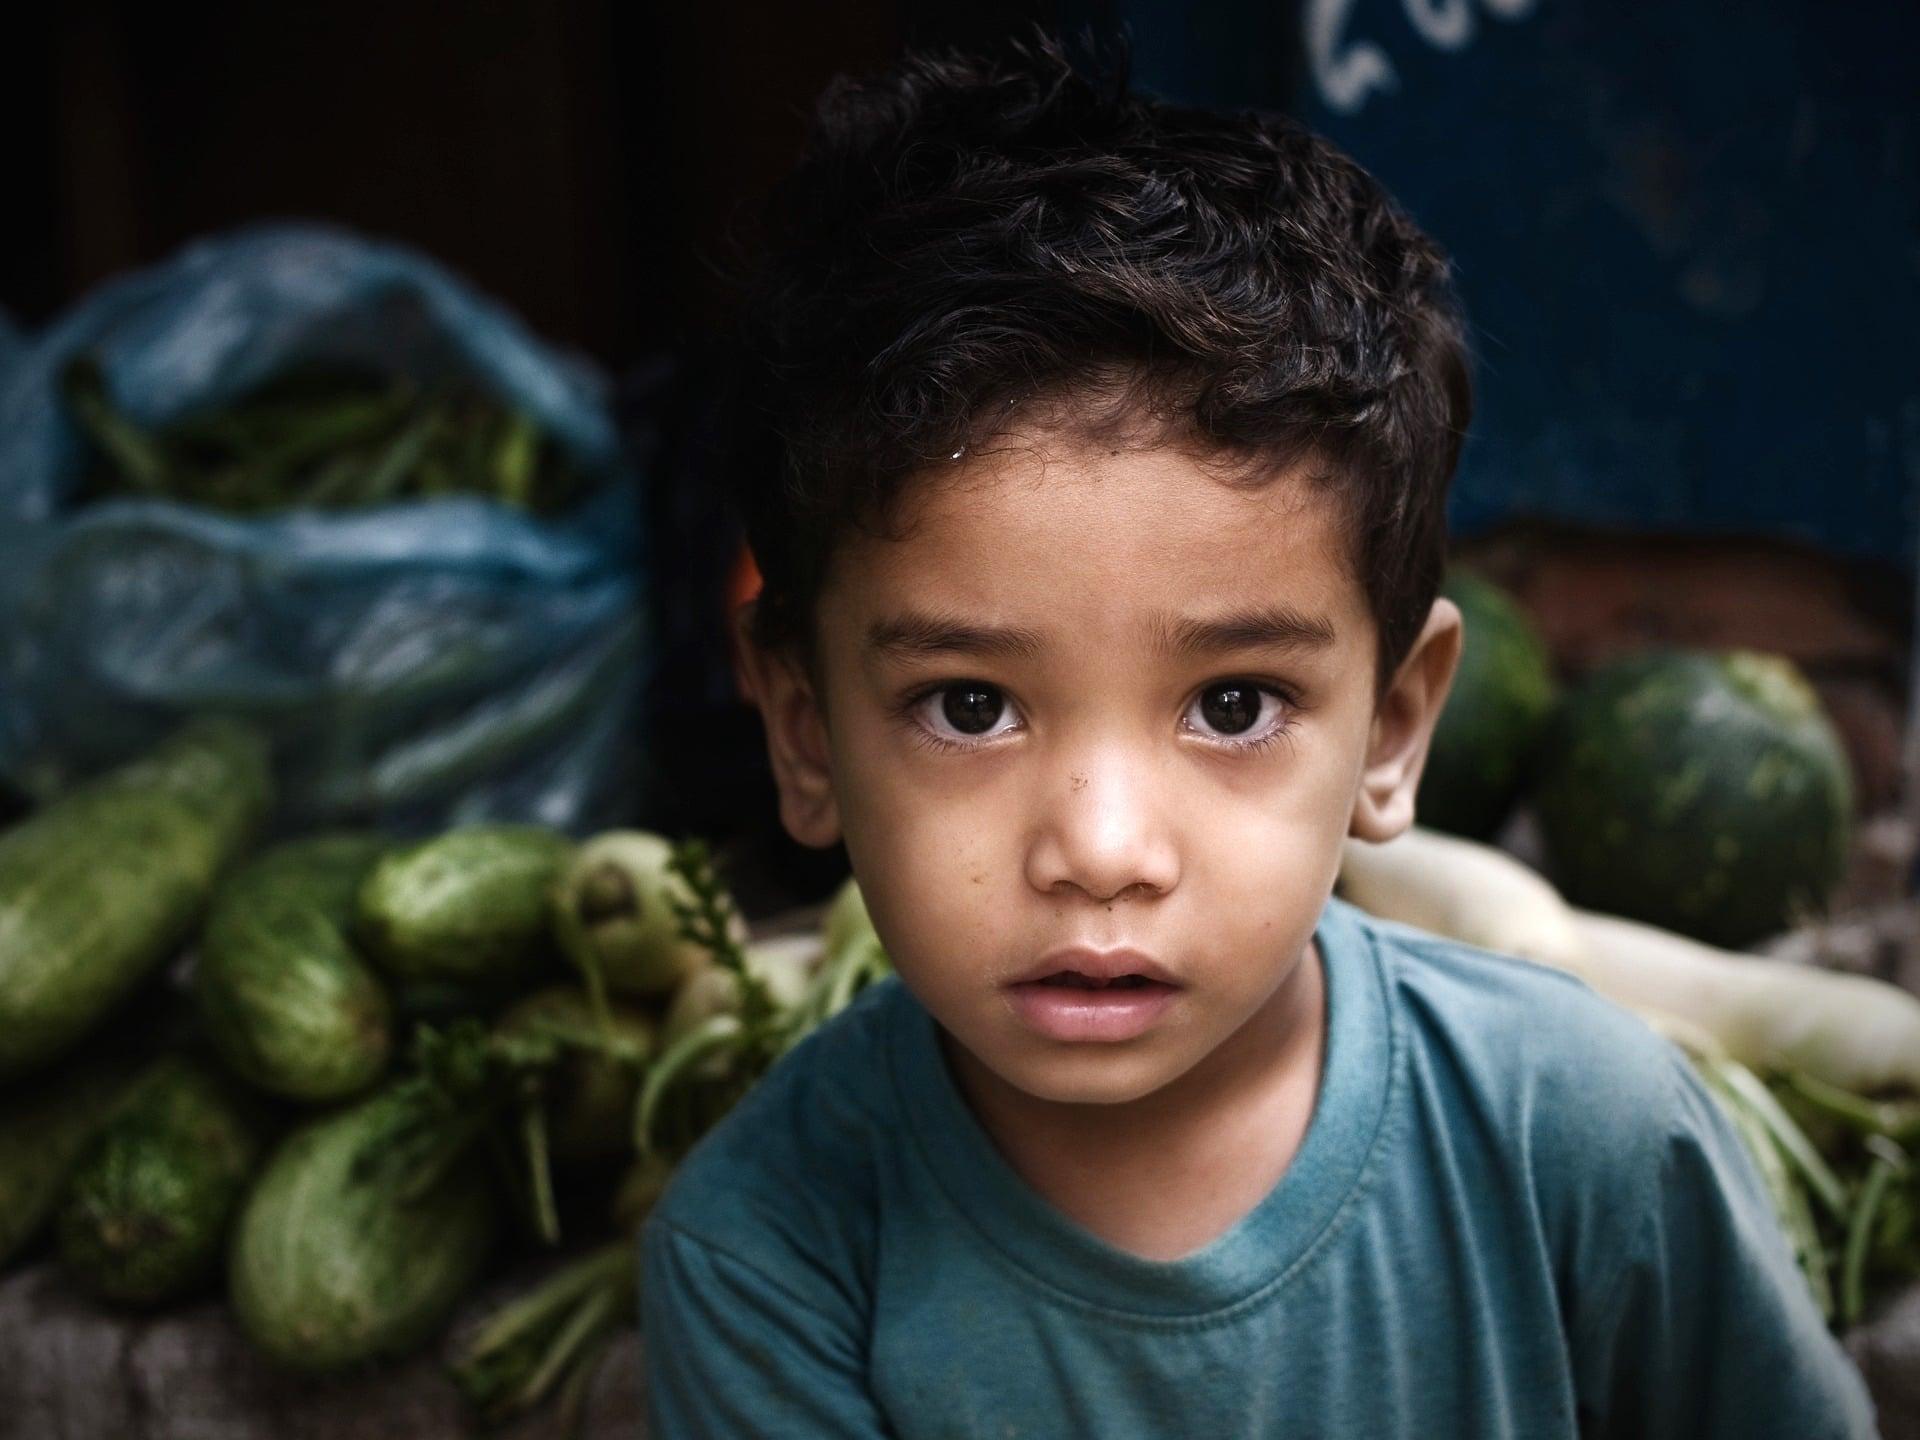 Kinderschutz Sextourismus sexuelle Ausbeutung von Kindern